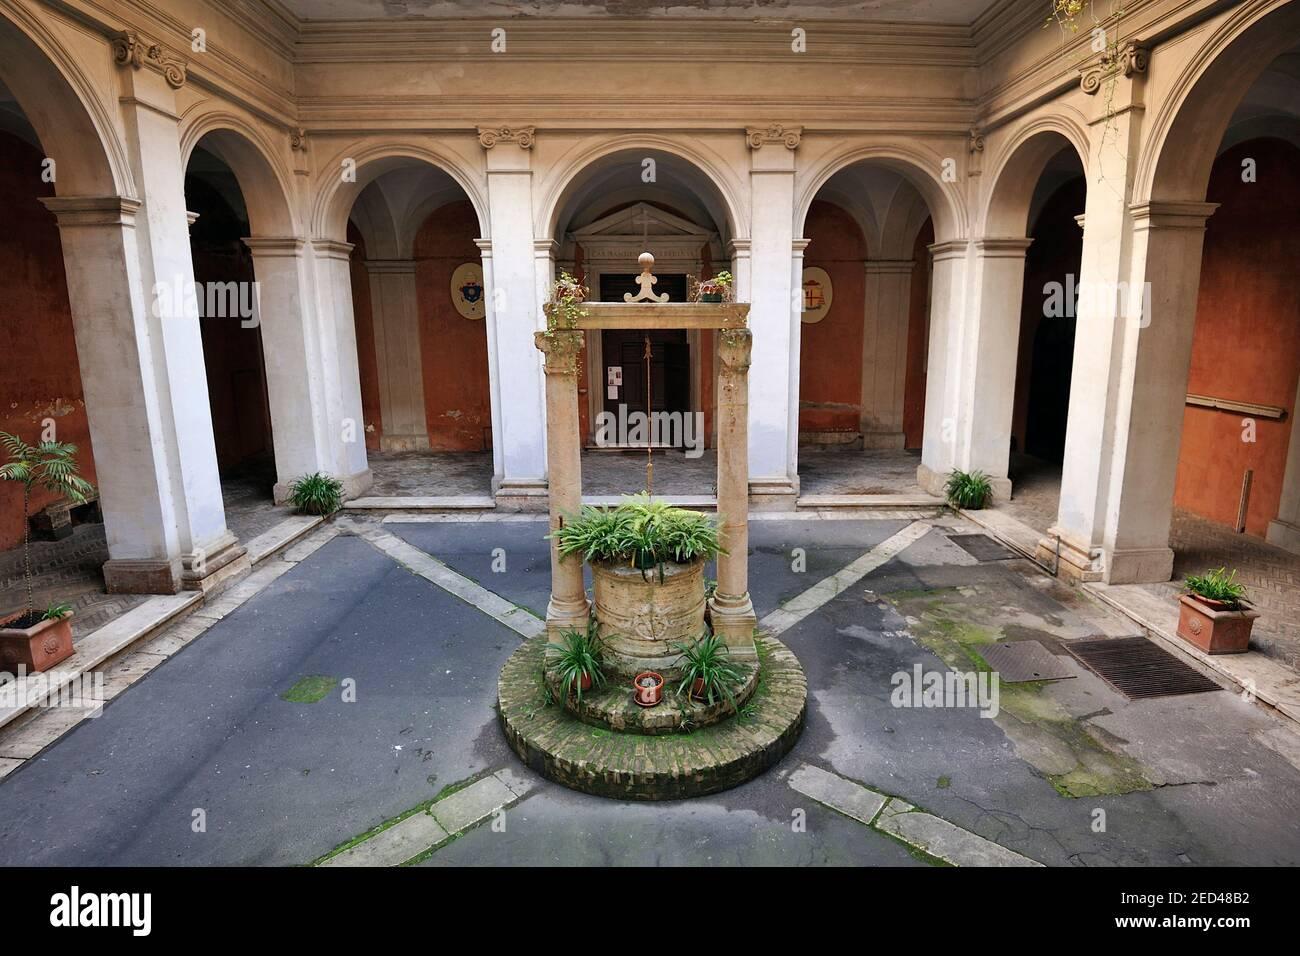 L'Italie, Rome, église de Sant'Agata dei goti (saint Agathe des Goths), cour Banque D'Images